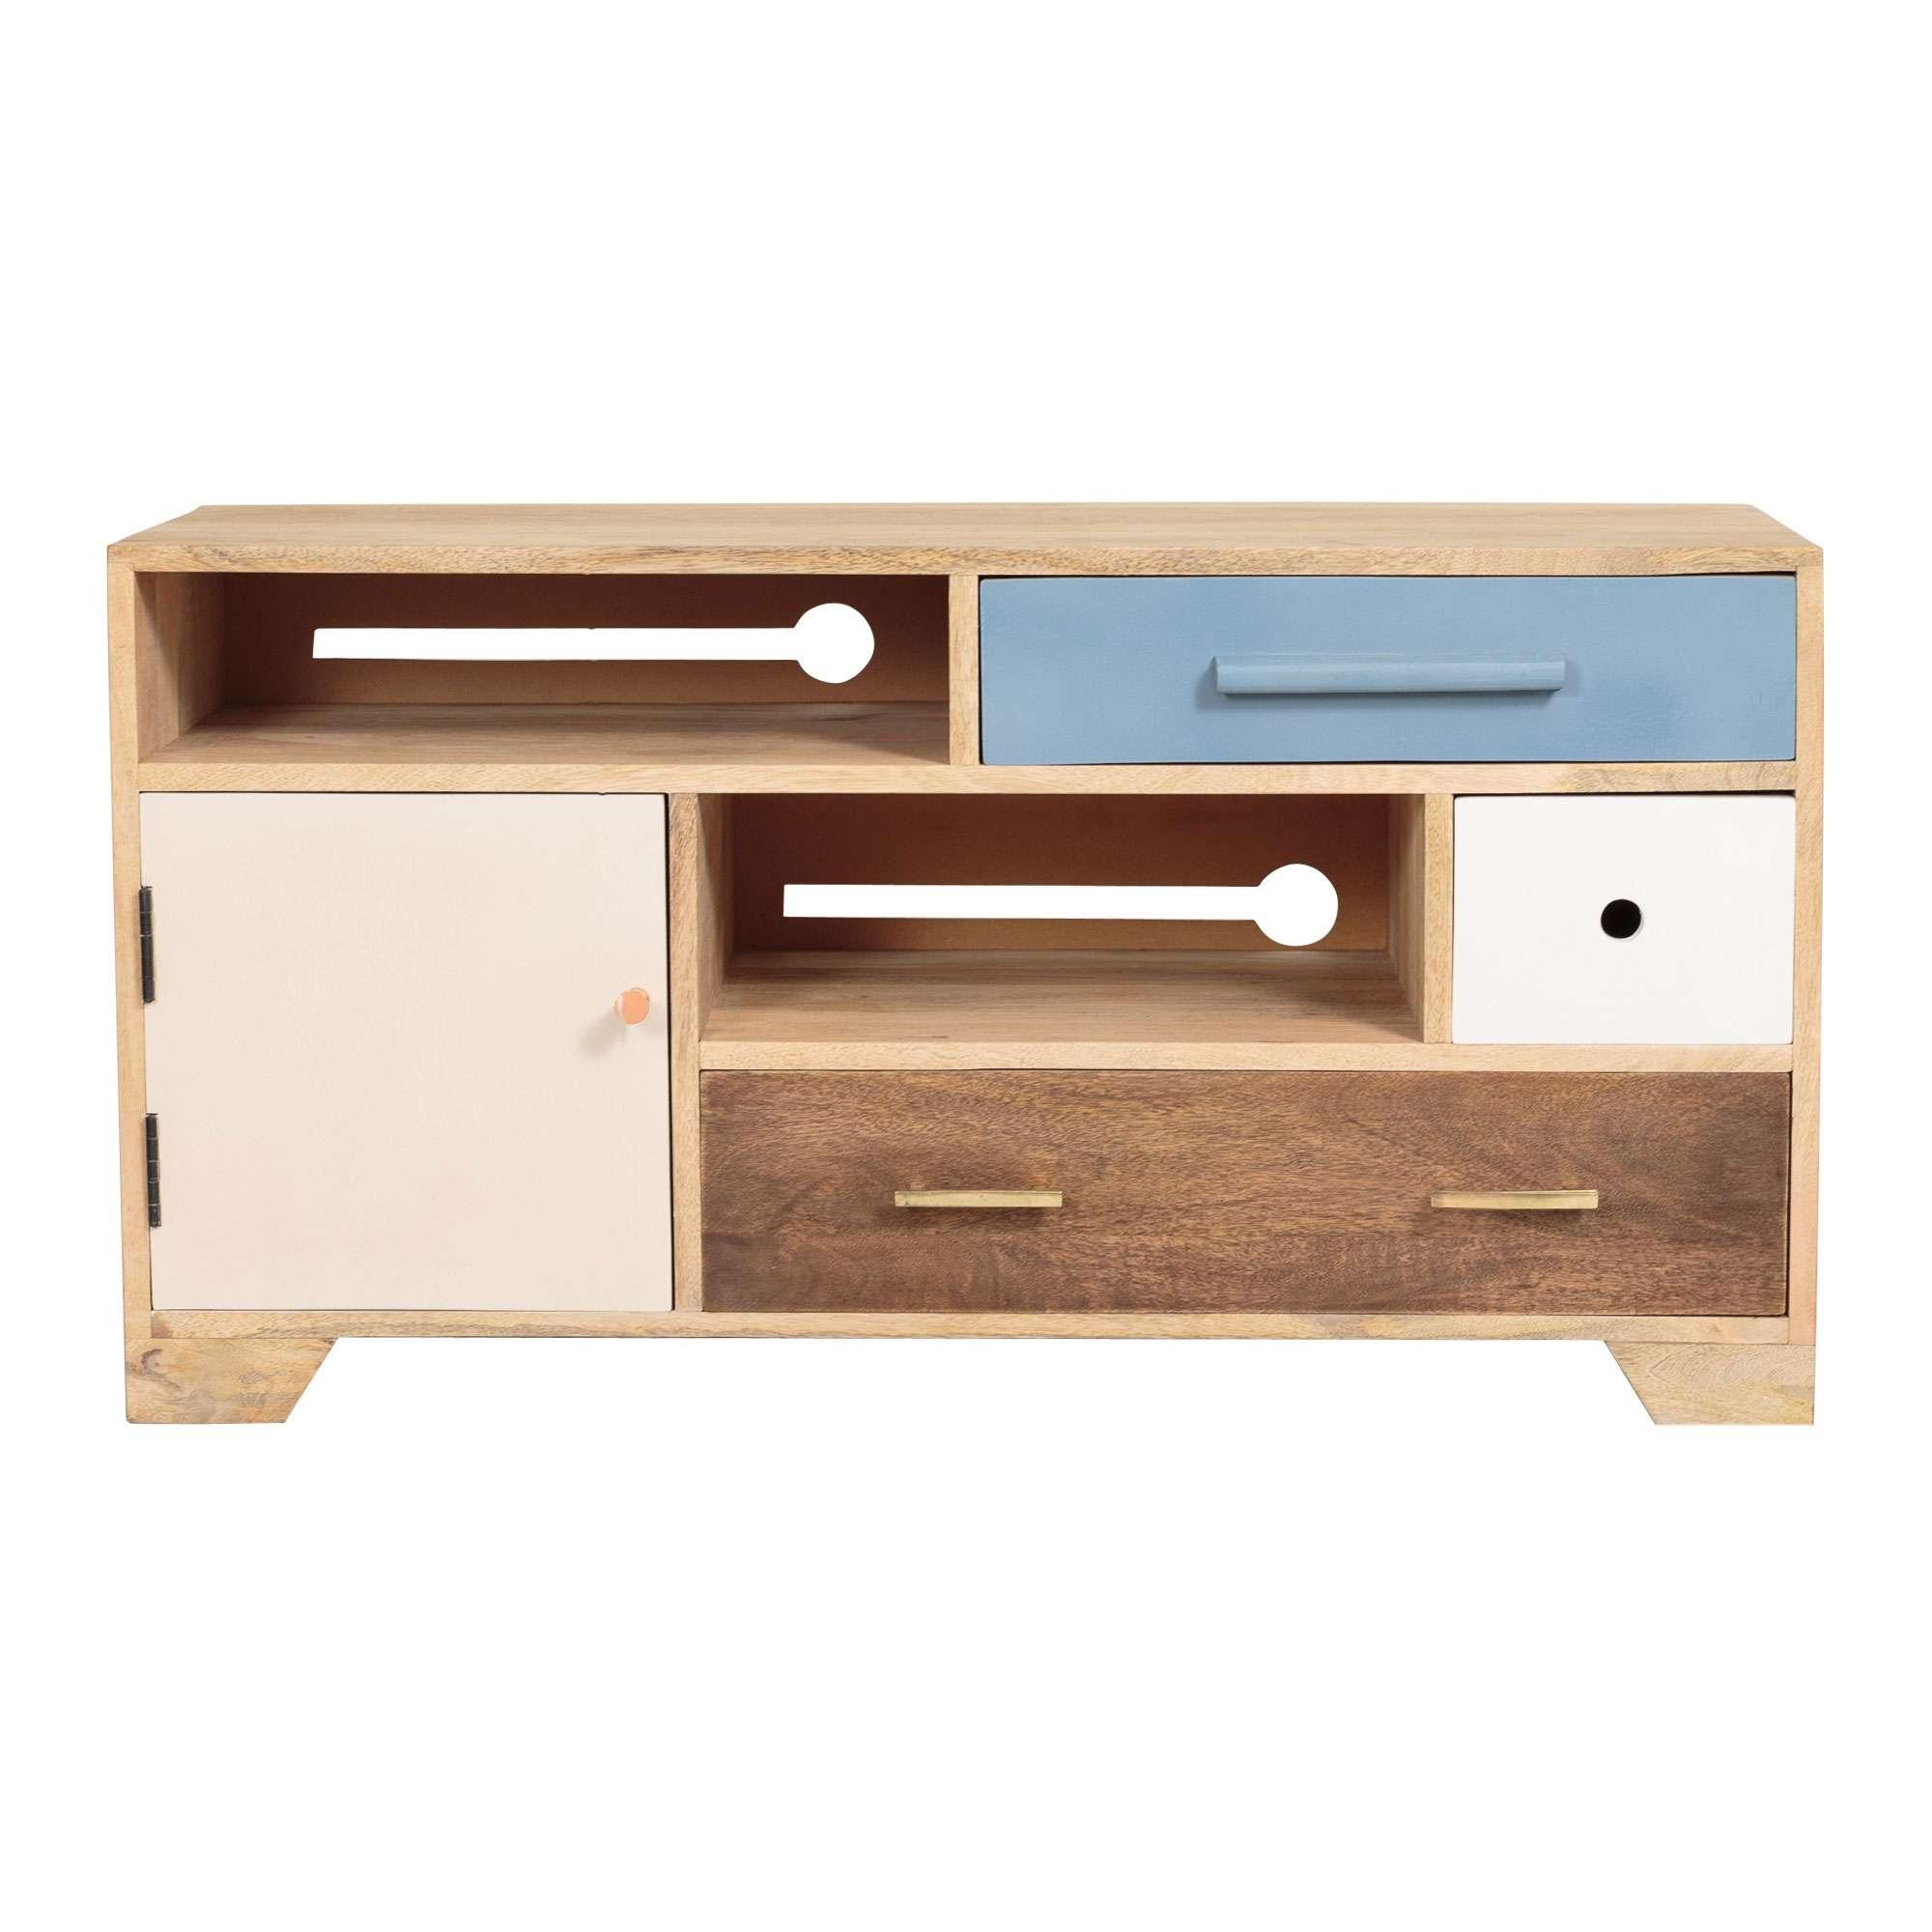 Jennifer Wooden Tv Cabinet | Oliver Bonas Inside Wooden Tv Cabinets (View 10 of 20)